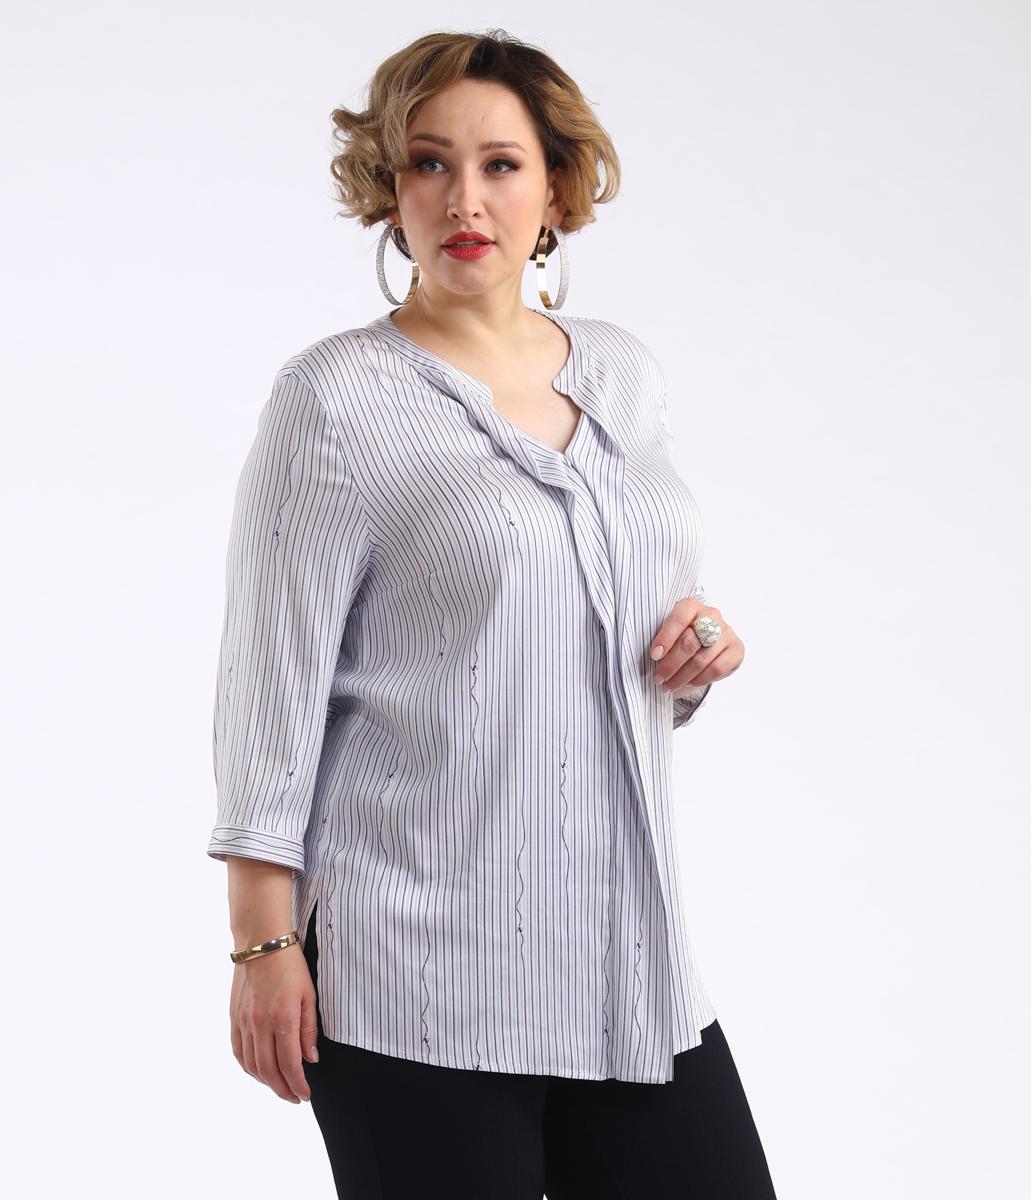 Блузка женская Averi, цвет: светло-розовый. 1432. Размер 64 (66) блузка женская averi цвет коралловый 1440 размер 64 66